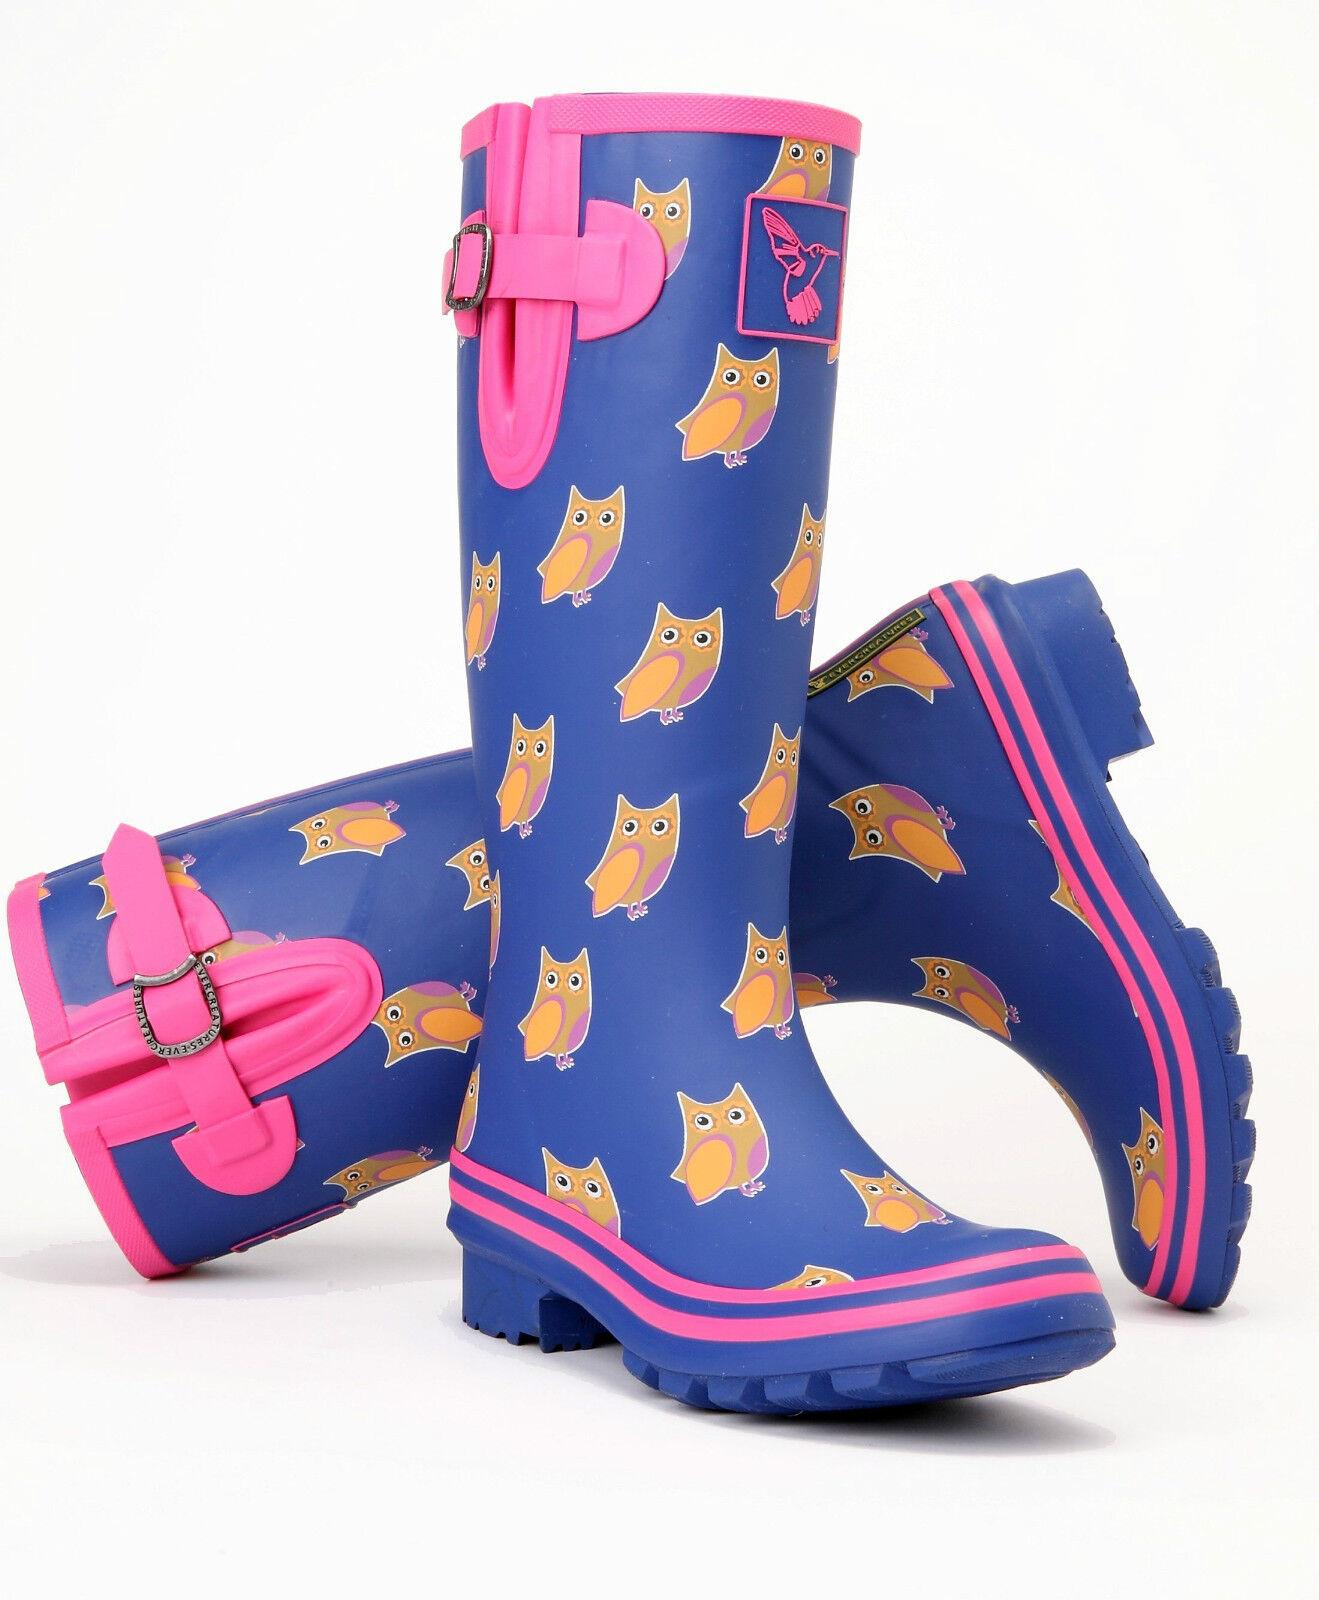 Evercreatures Stivali Di Di Di Gomma Donna Stivali Invernali Stivali pioggia gomma WELLINGTONS FESTIVAL | Moda Attraente  | Scolaro/Ragazze Scarpa  b89a35